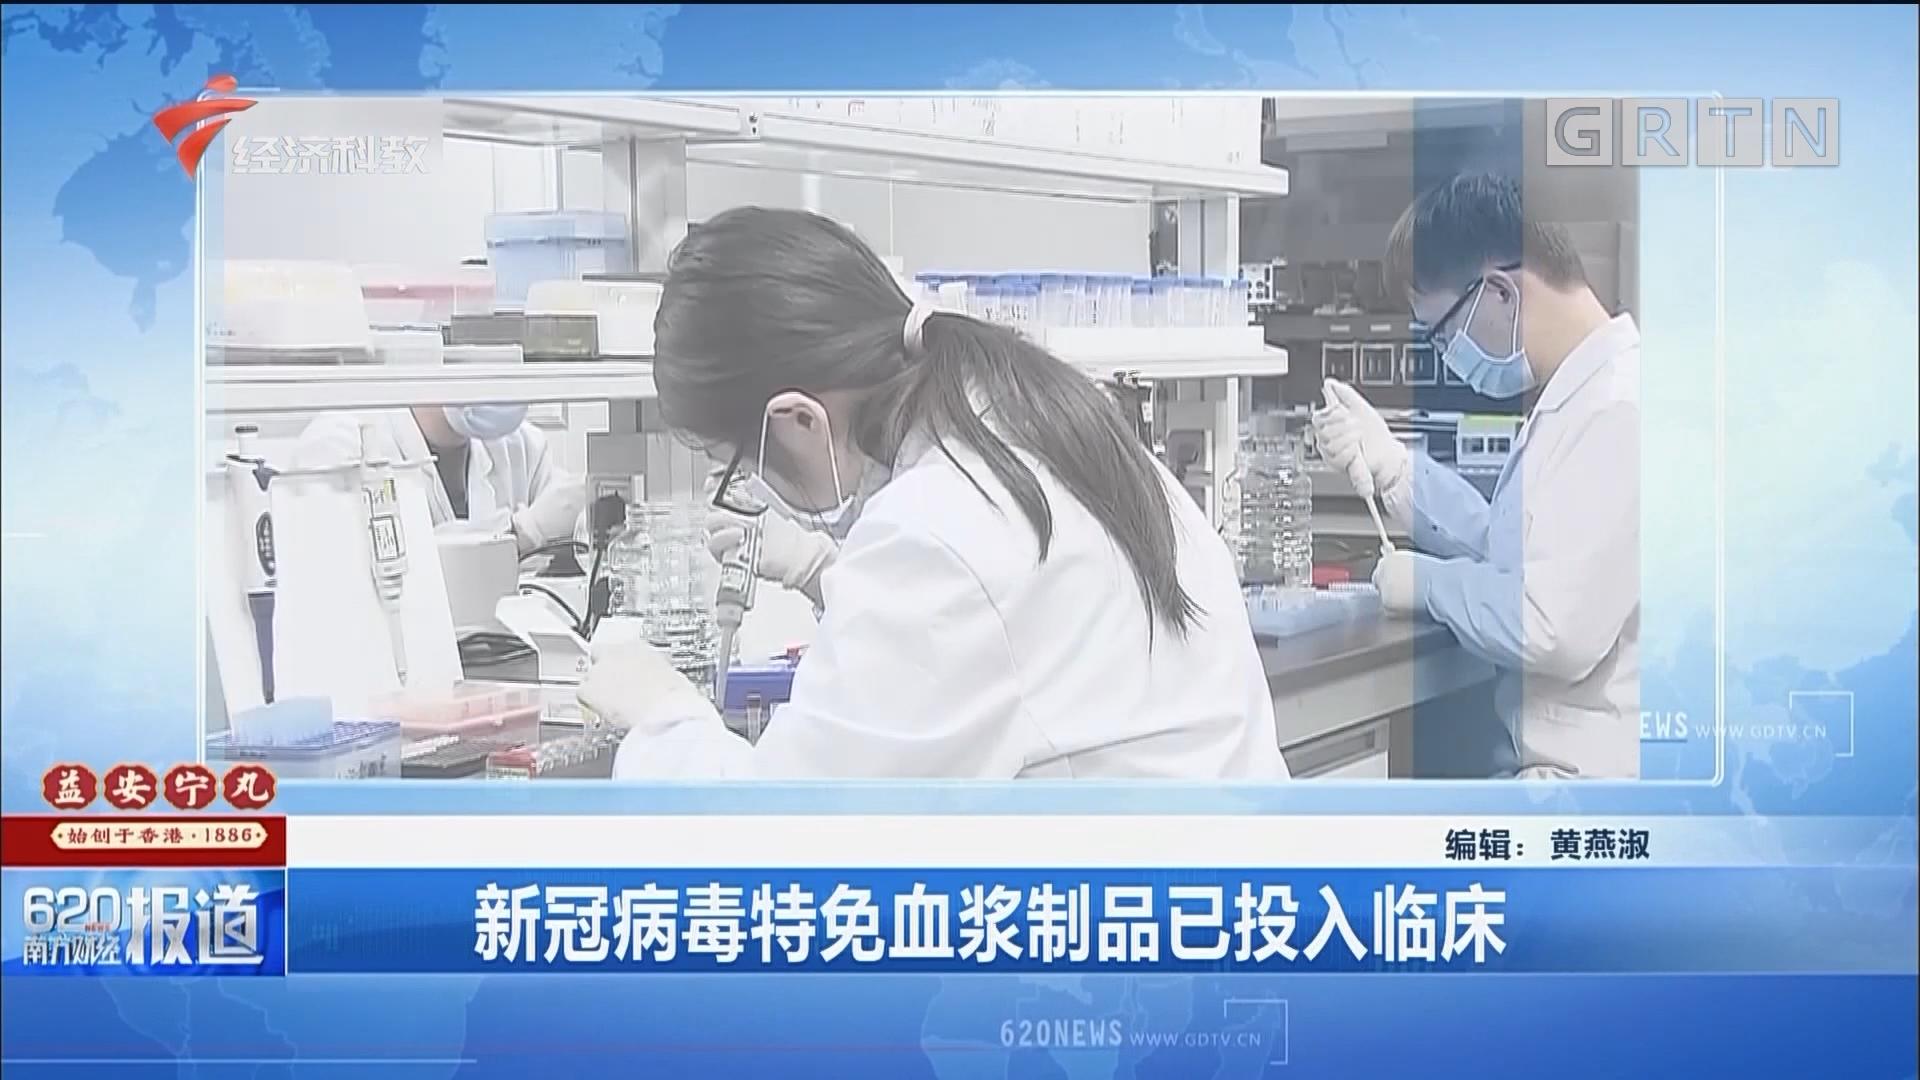 新冠病毒特免血浆制品已投入临床